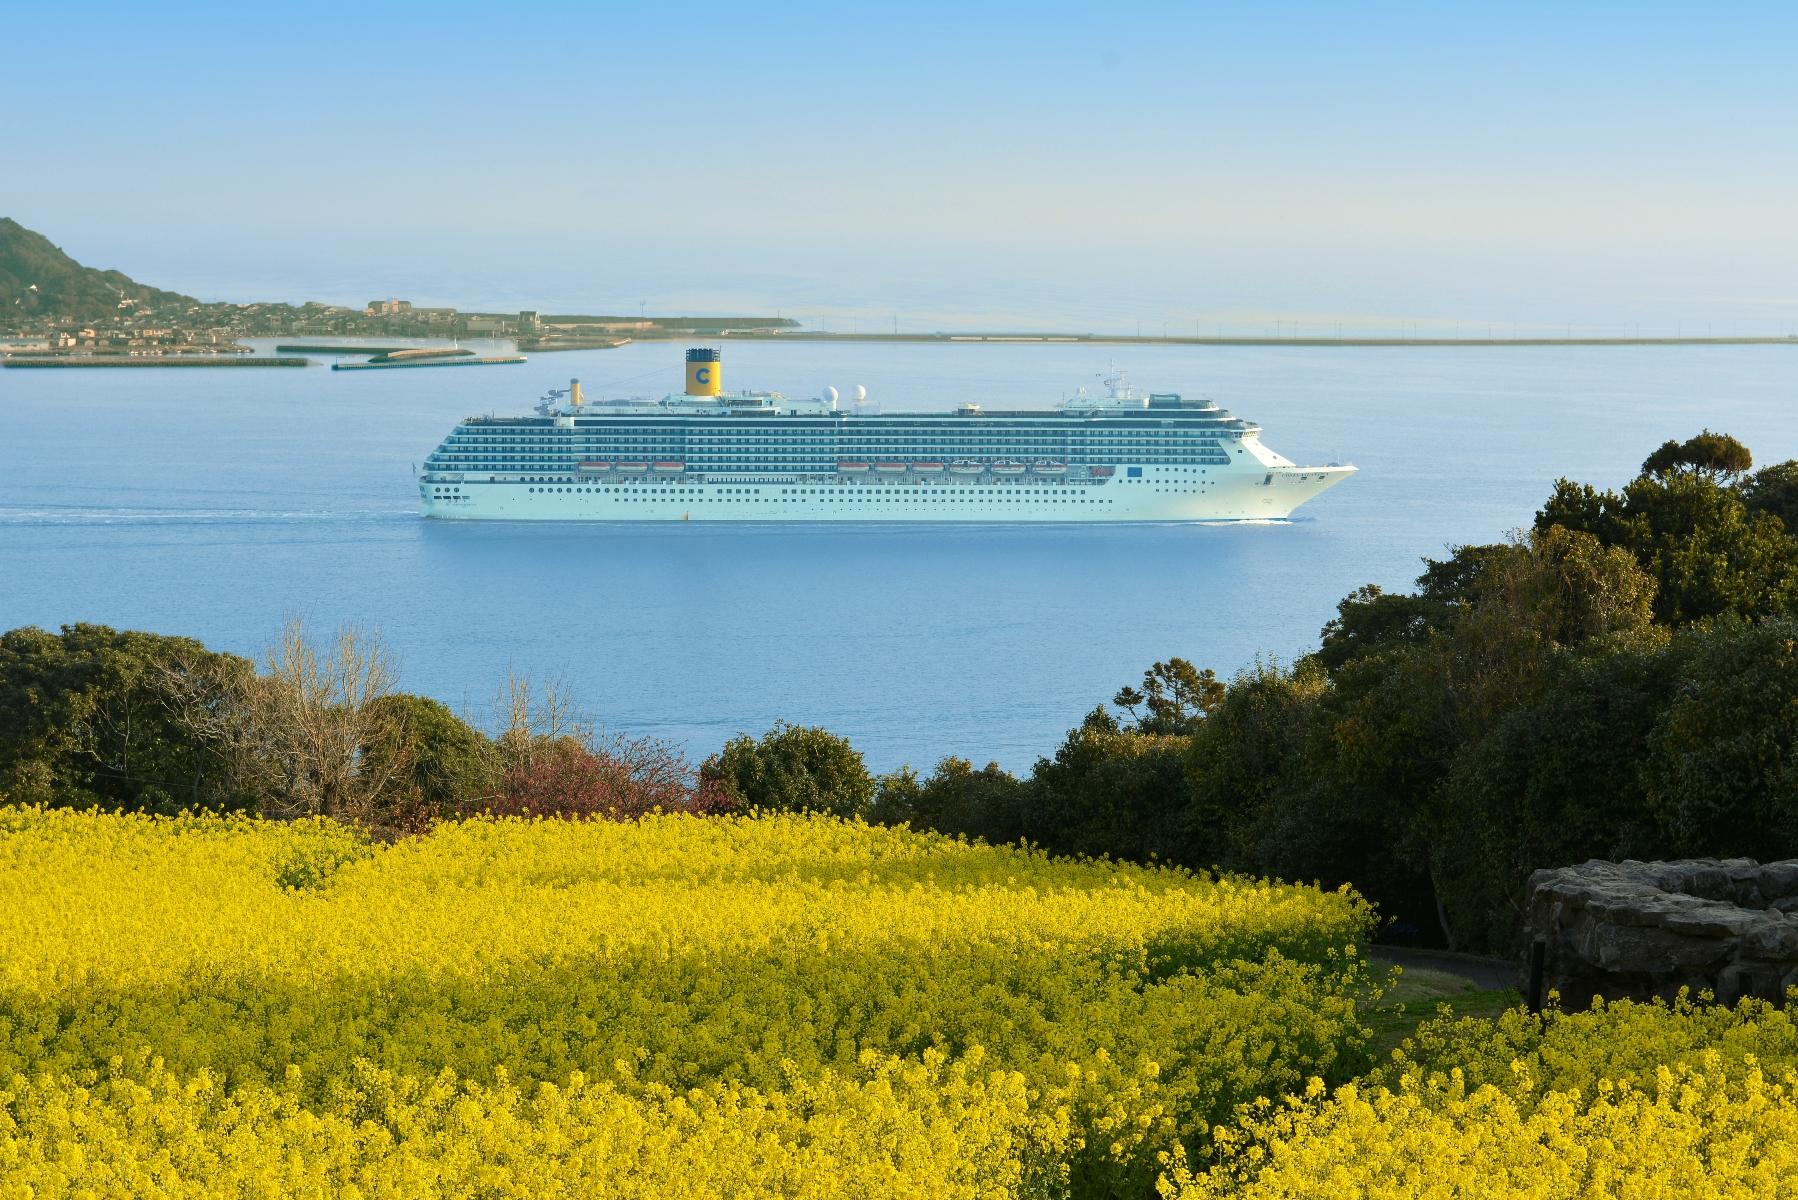 能古島とクルーズ船 コスタ・アトランチカ(2014)の画像